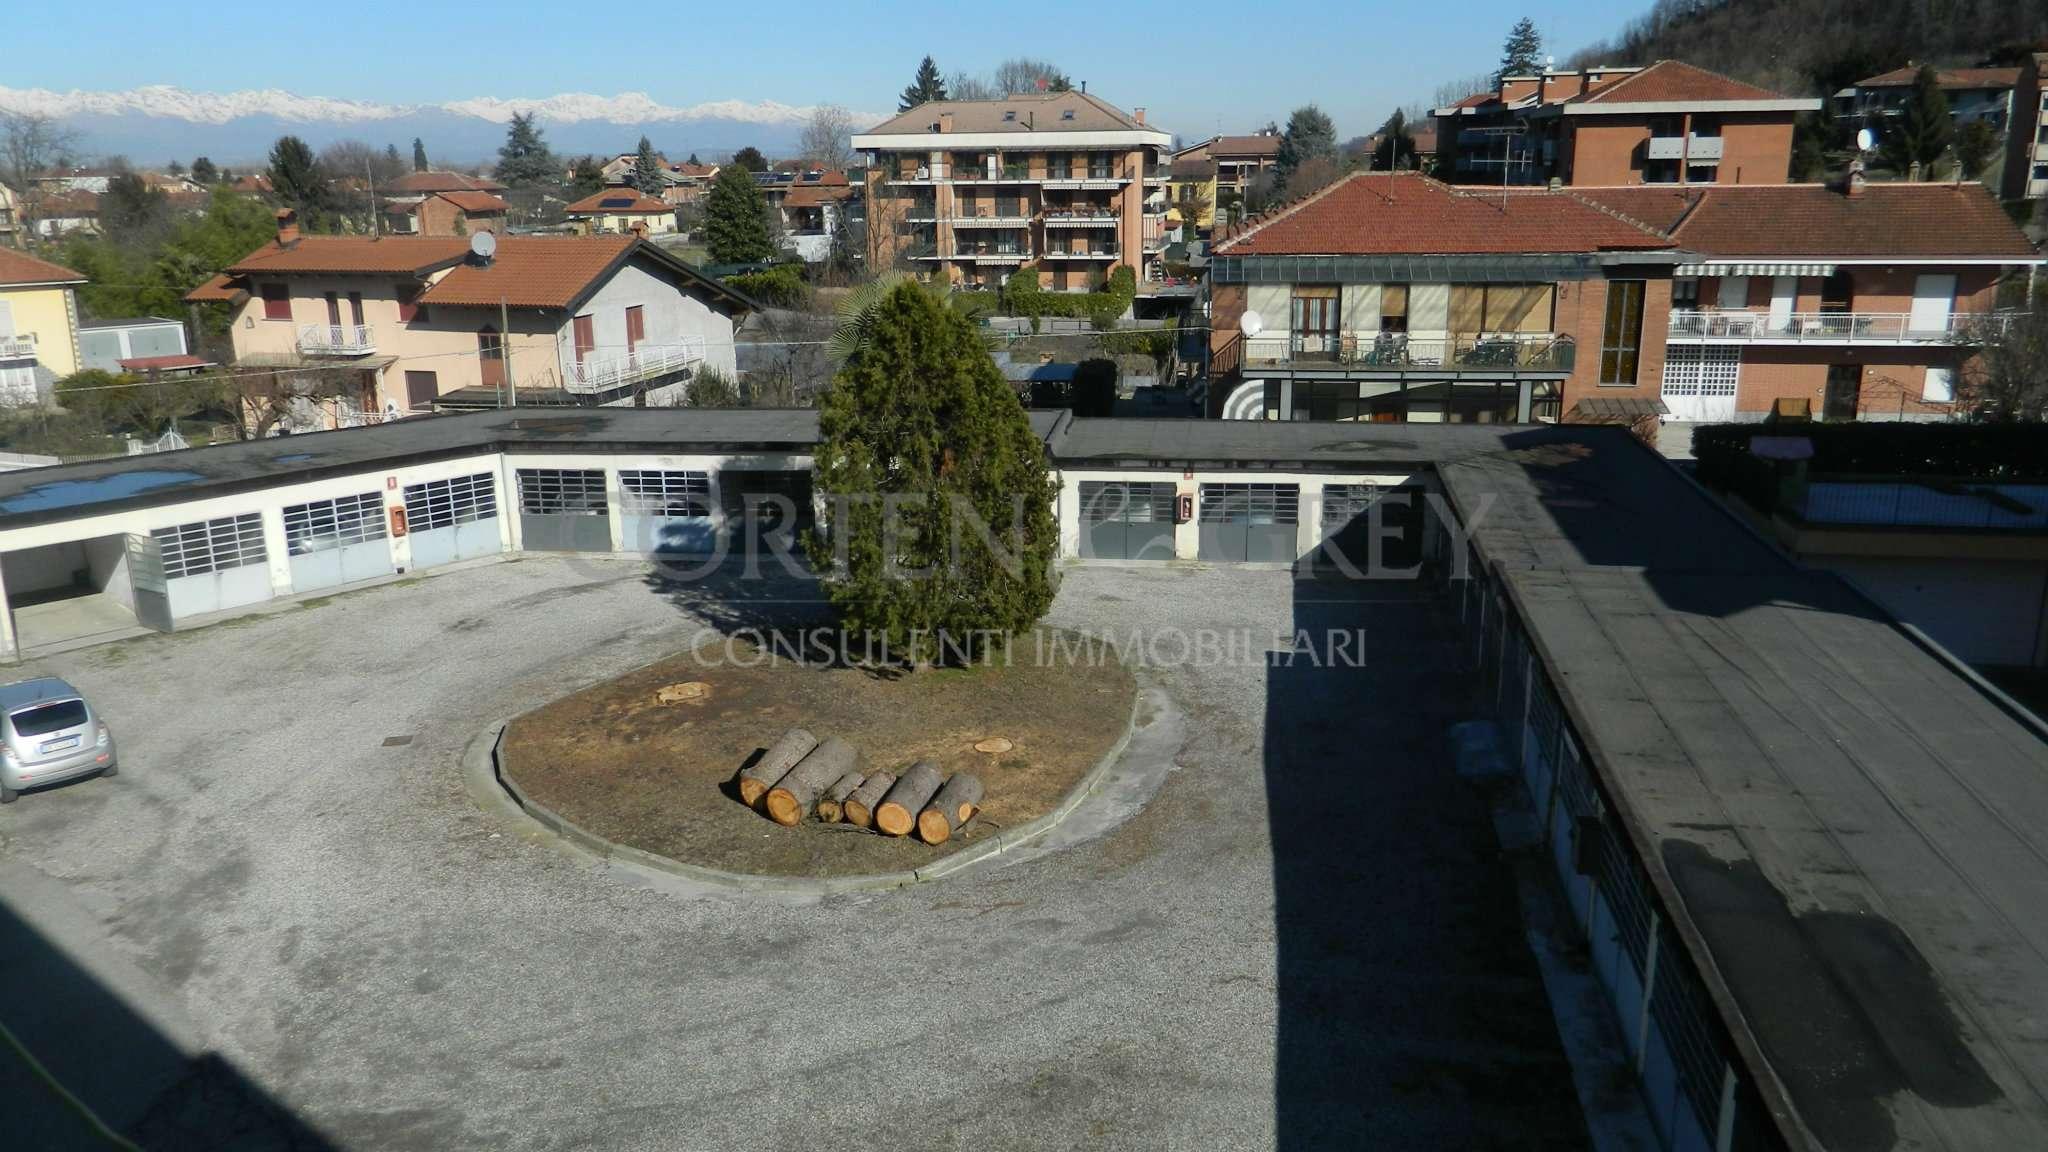 Appartamento in vendita a Gassino Torinese, 3 locali, prezzo € 70.000   CambioCasa.it